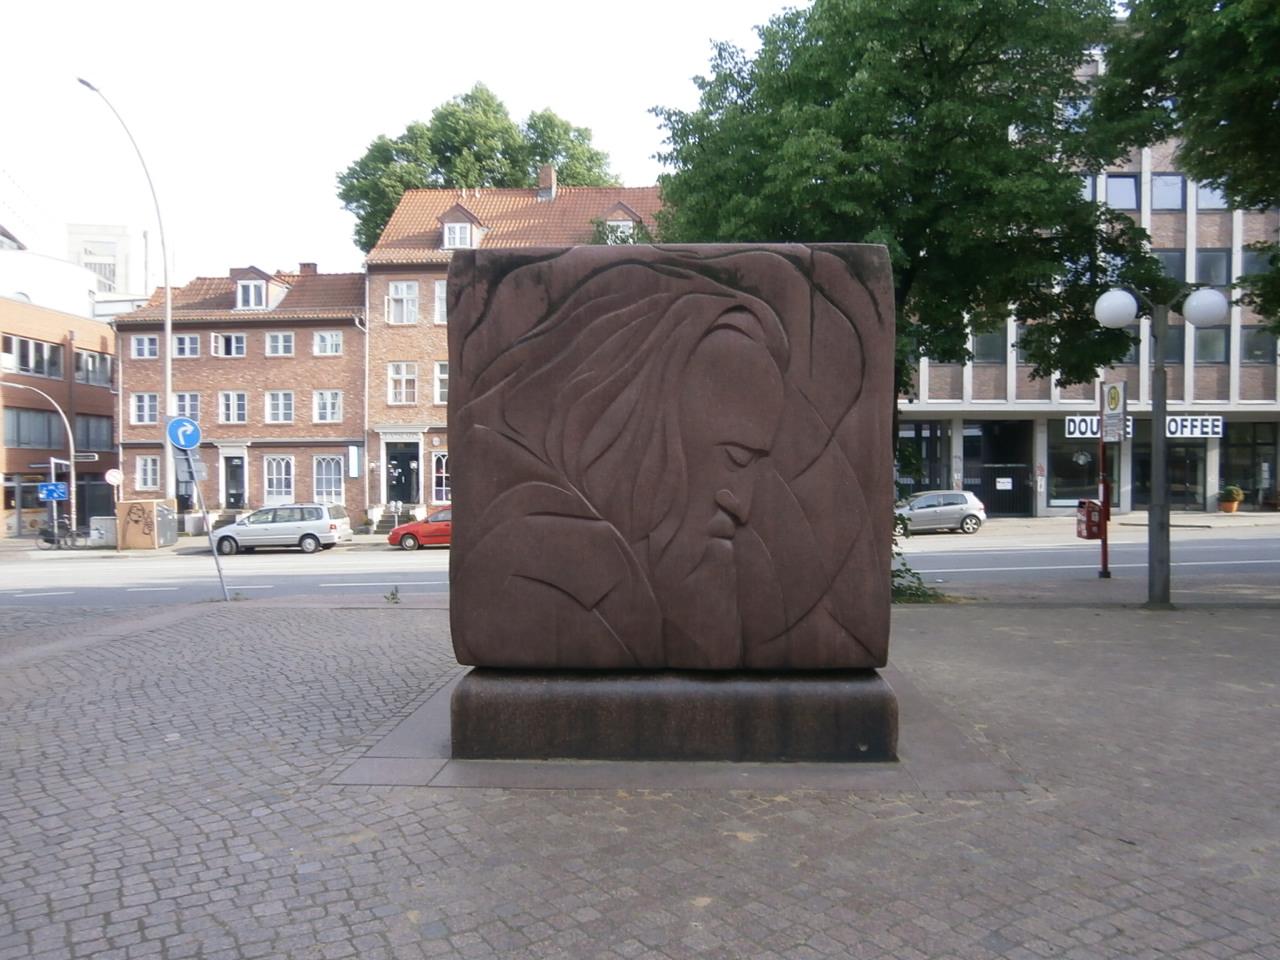 ハンブルクにあるブラームスの彫刻、老年期の顔